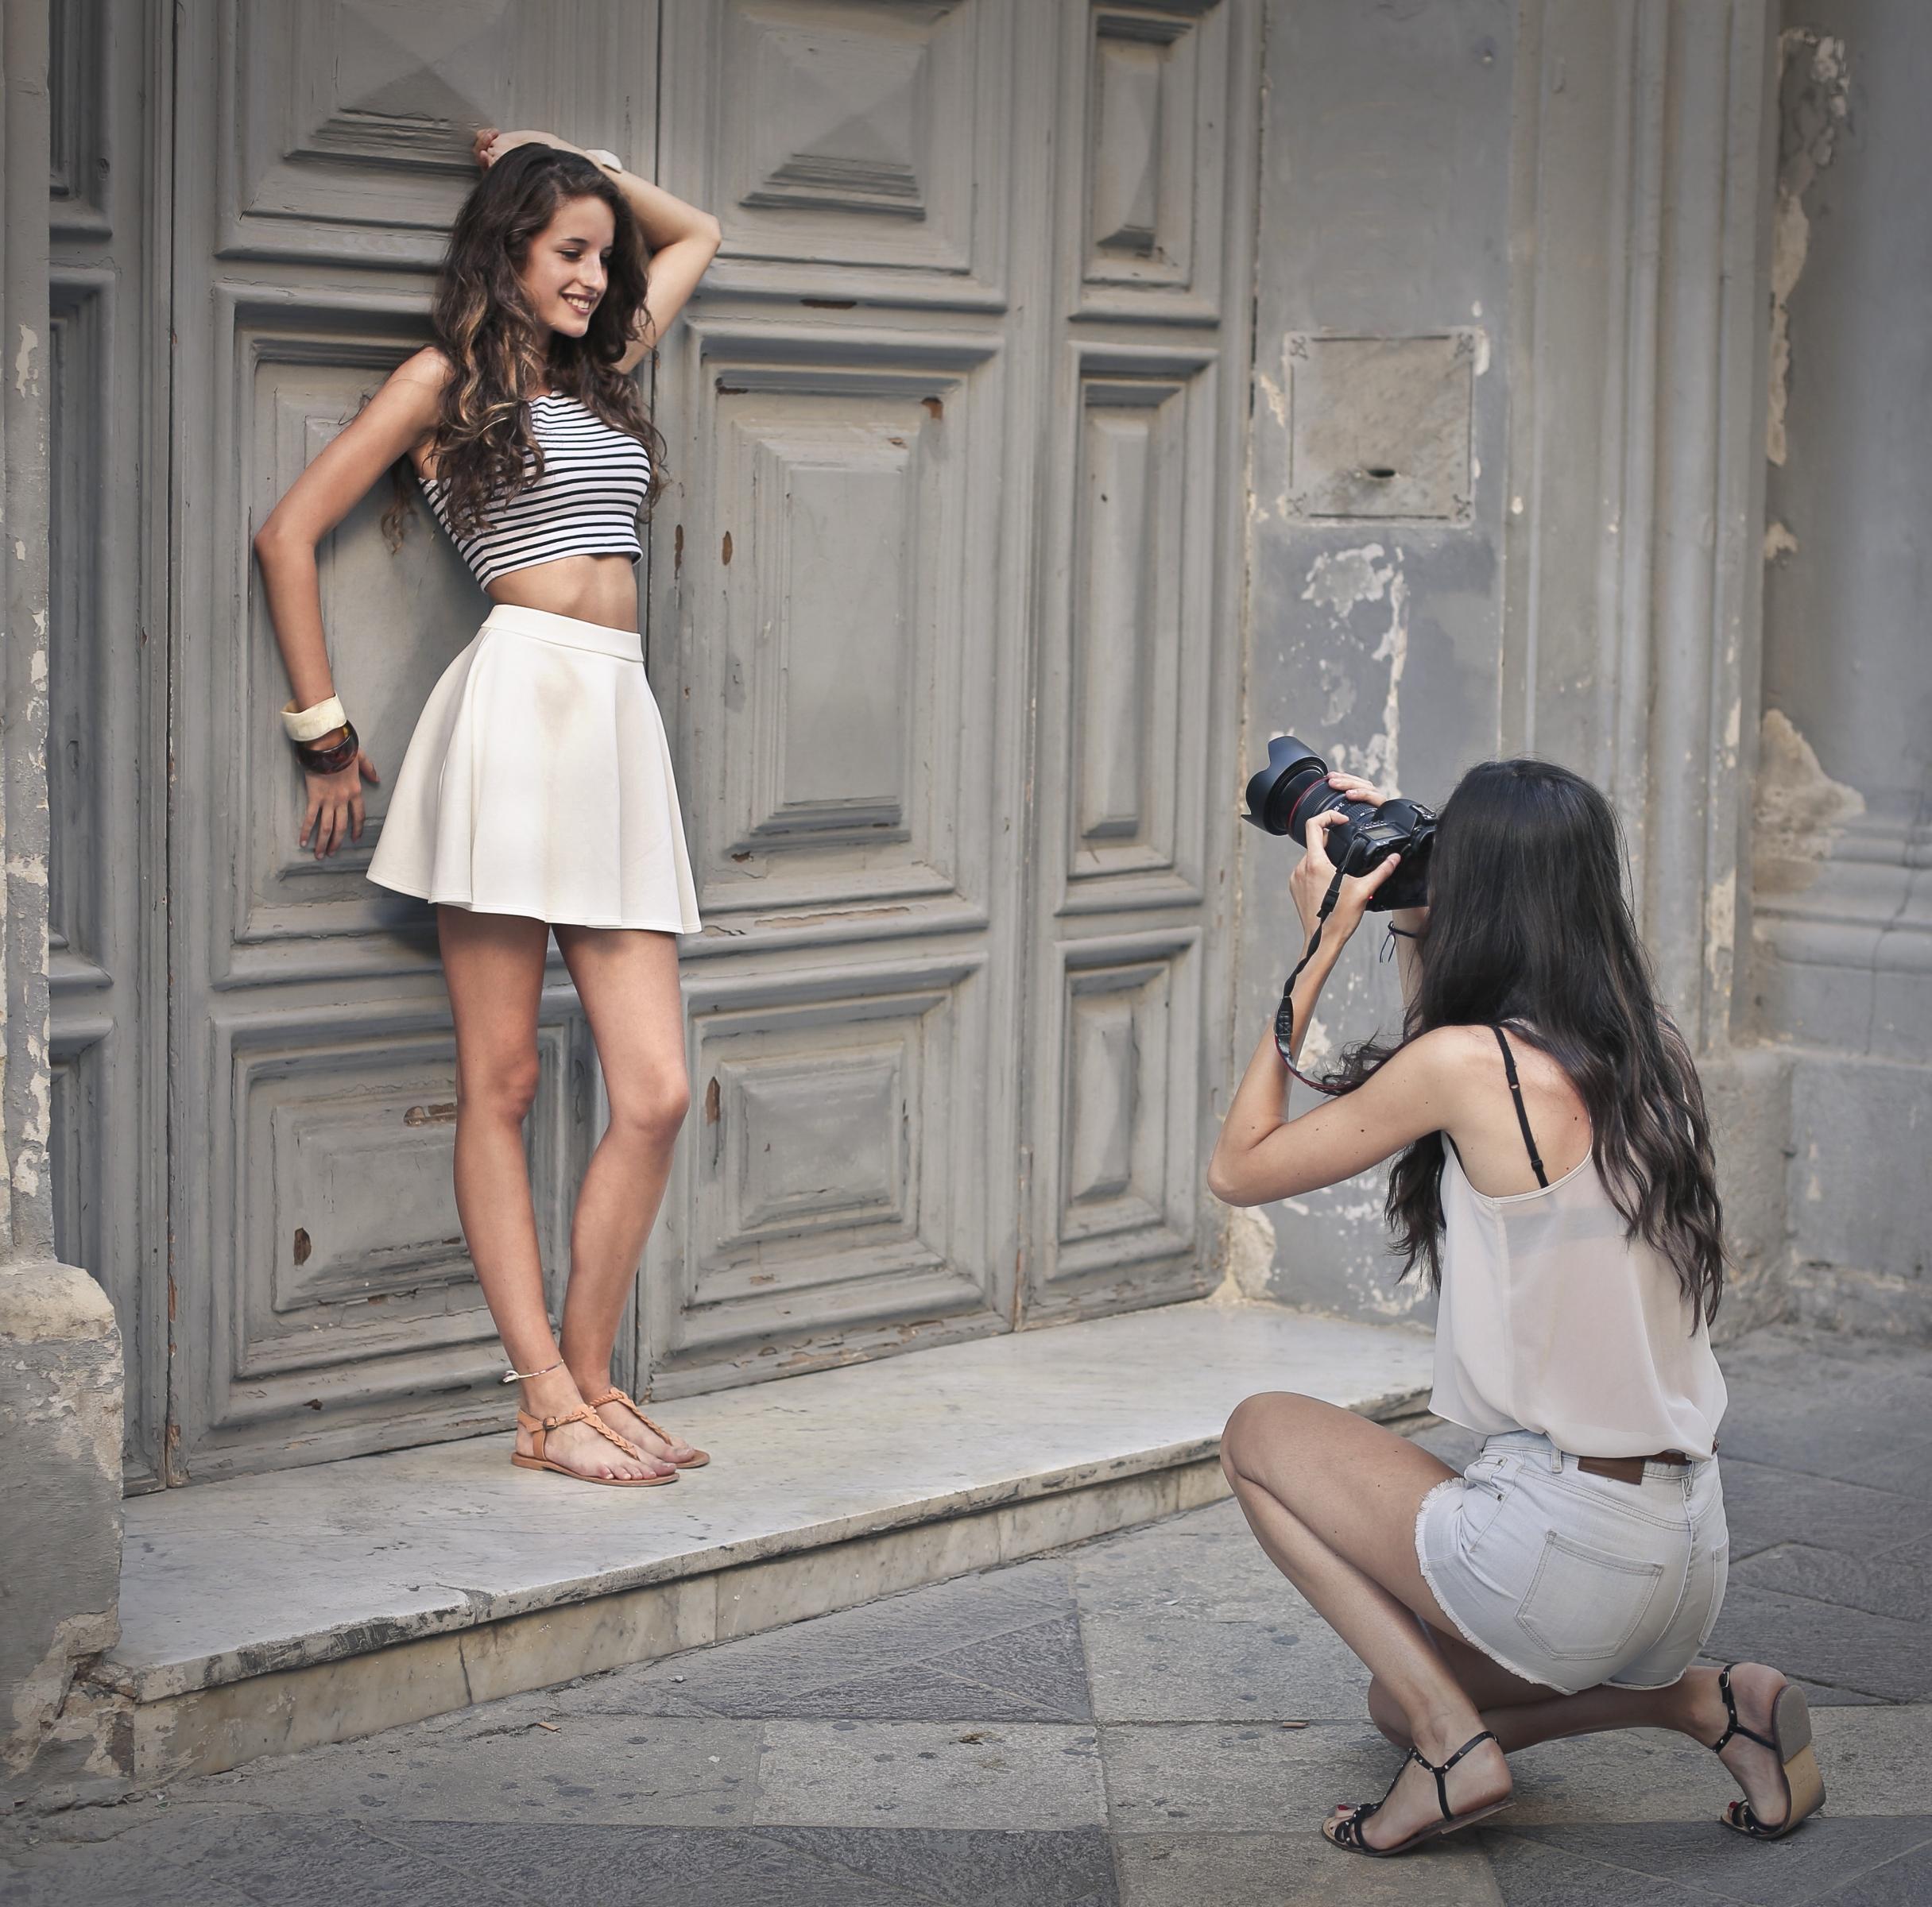 девушки фотографируют одна другую